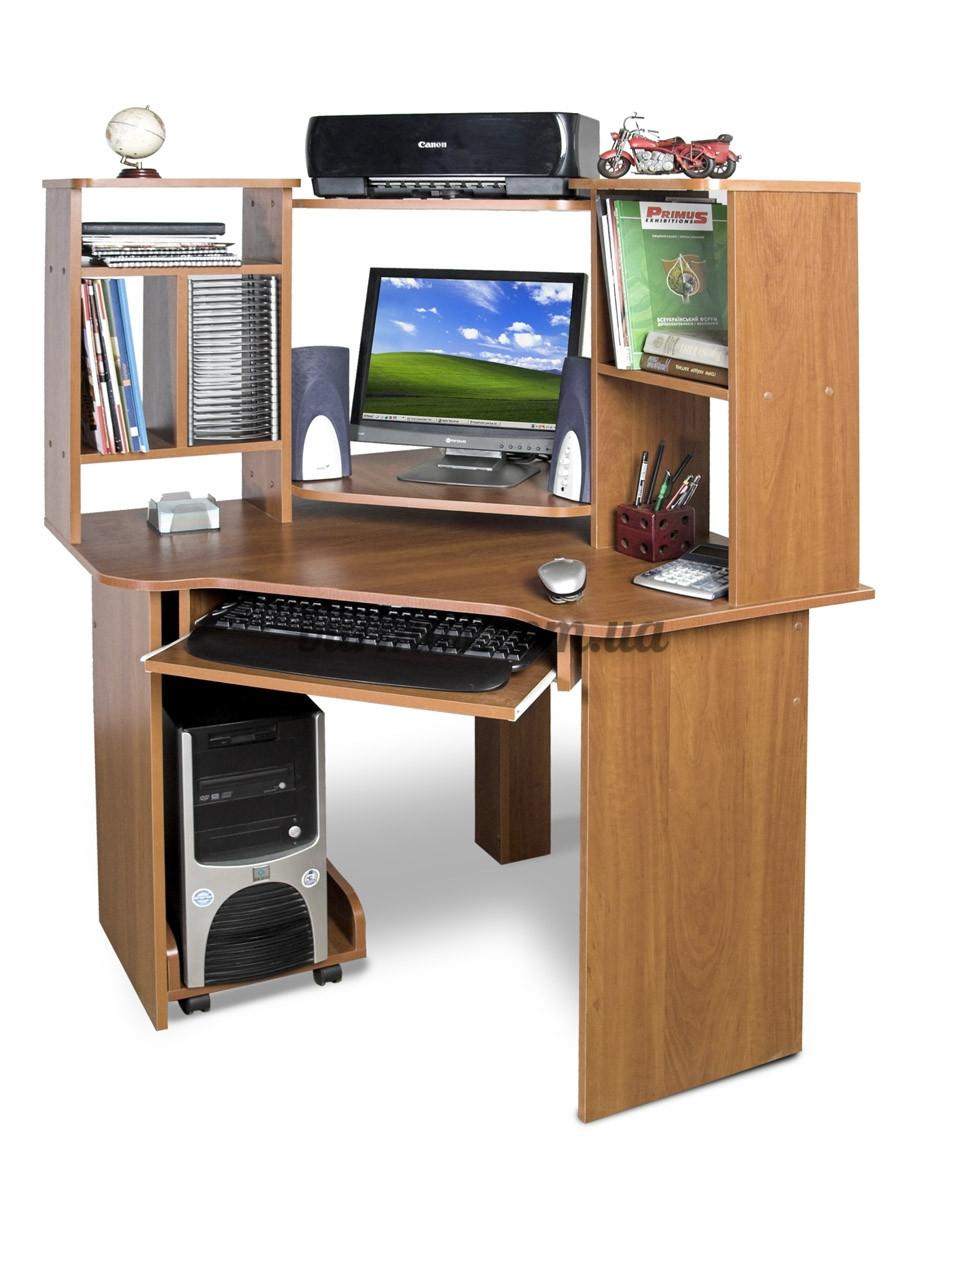 Угловой компьютерный стол с полками, СК-91, 90*90, яблоня-локарно